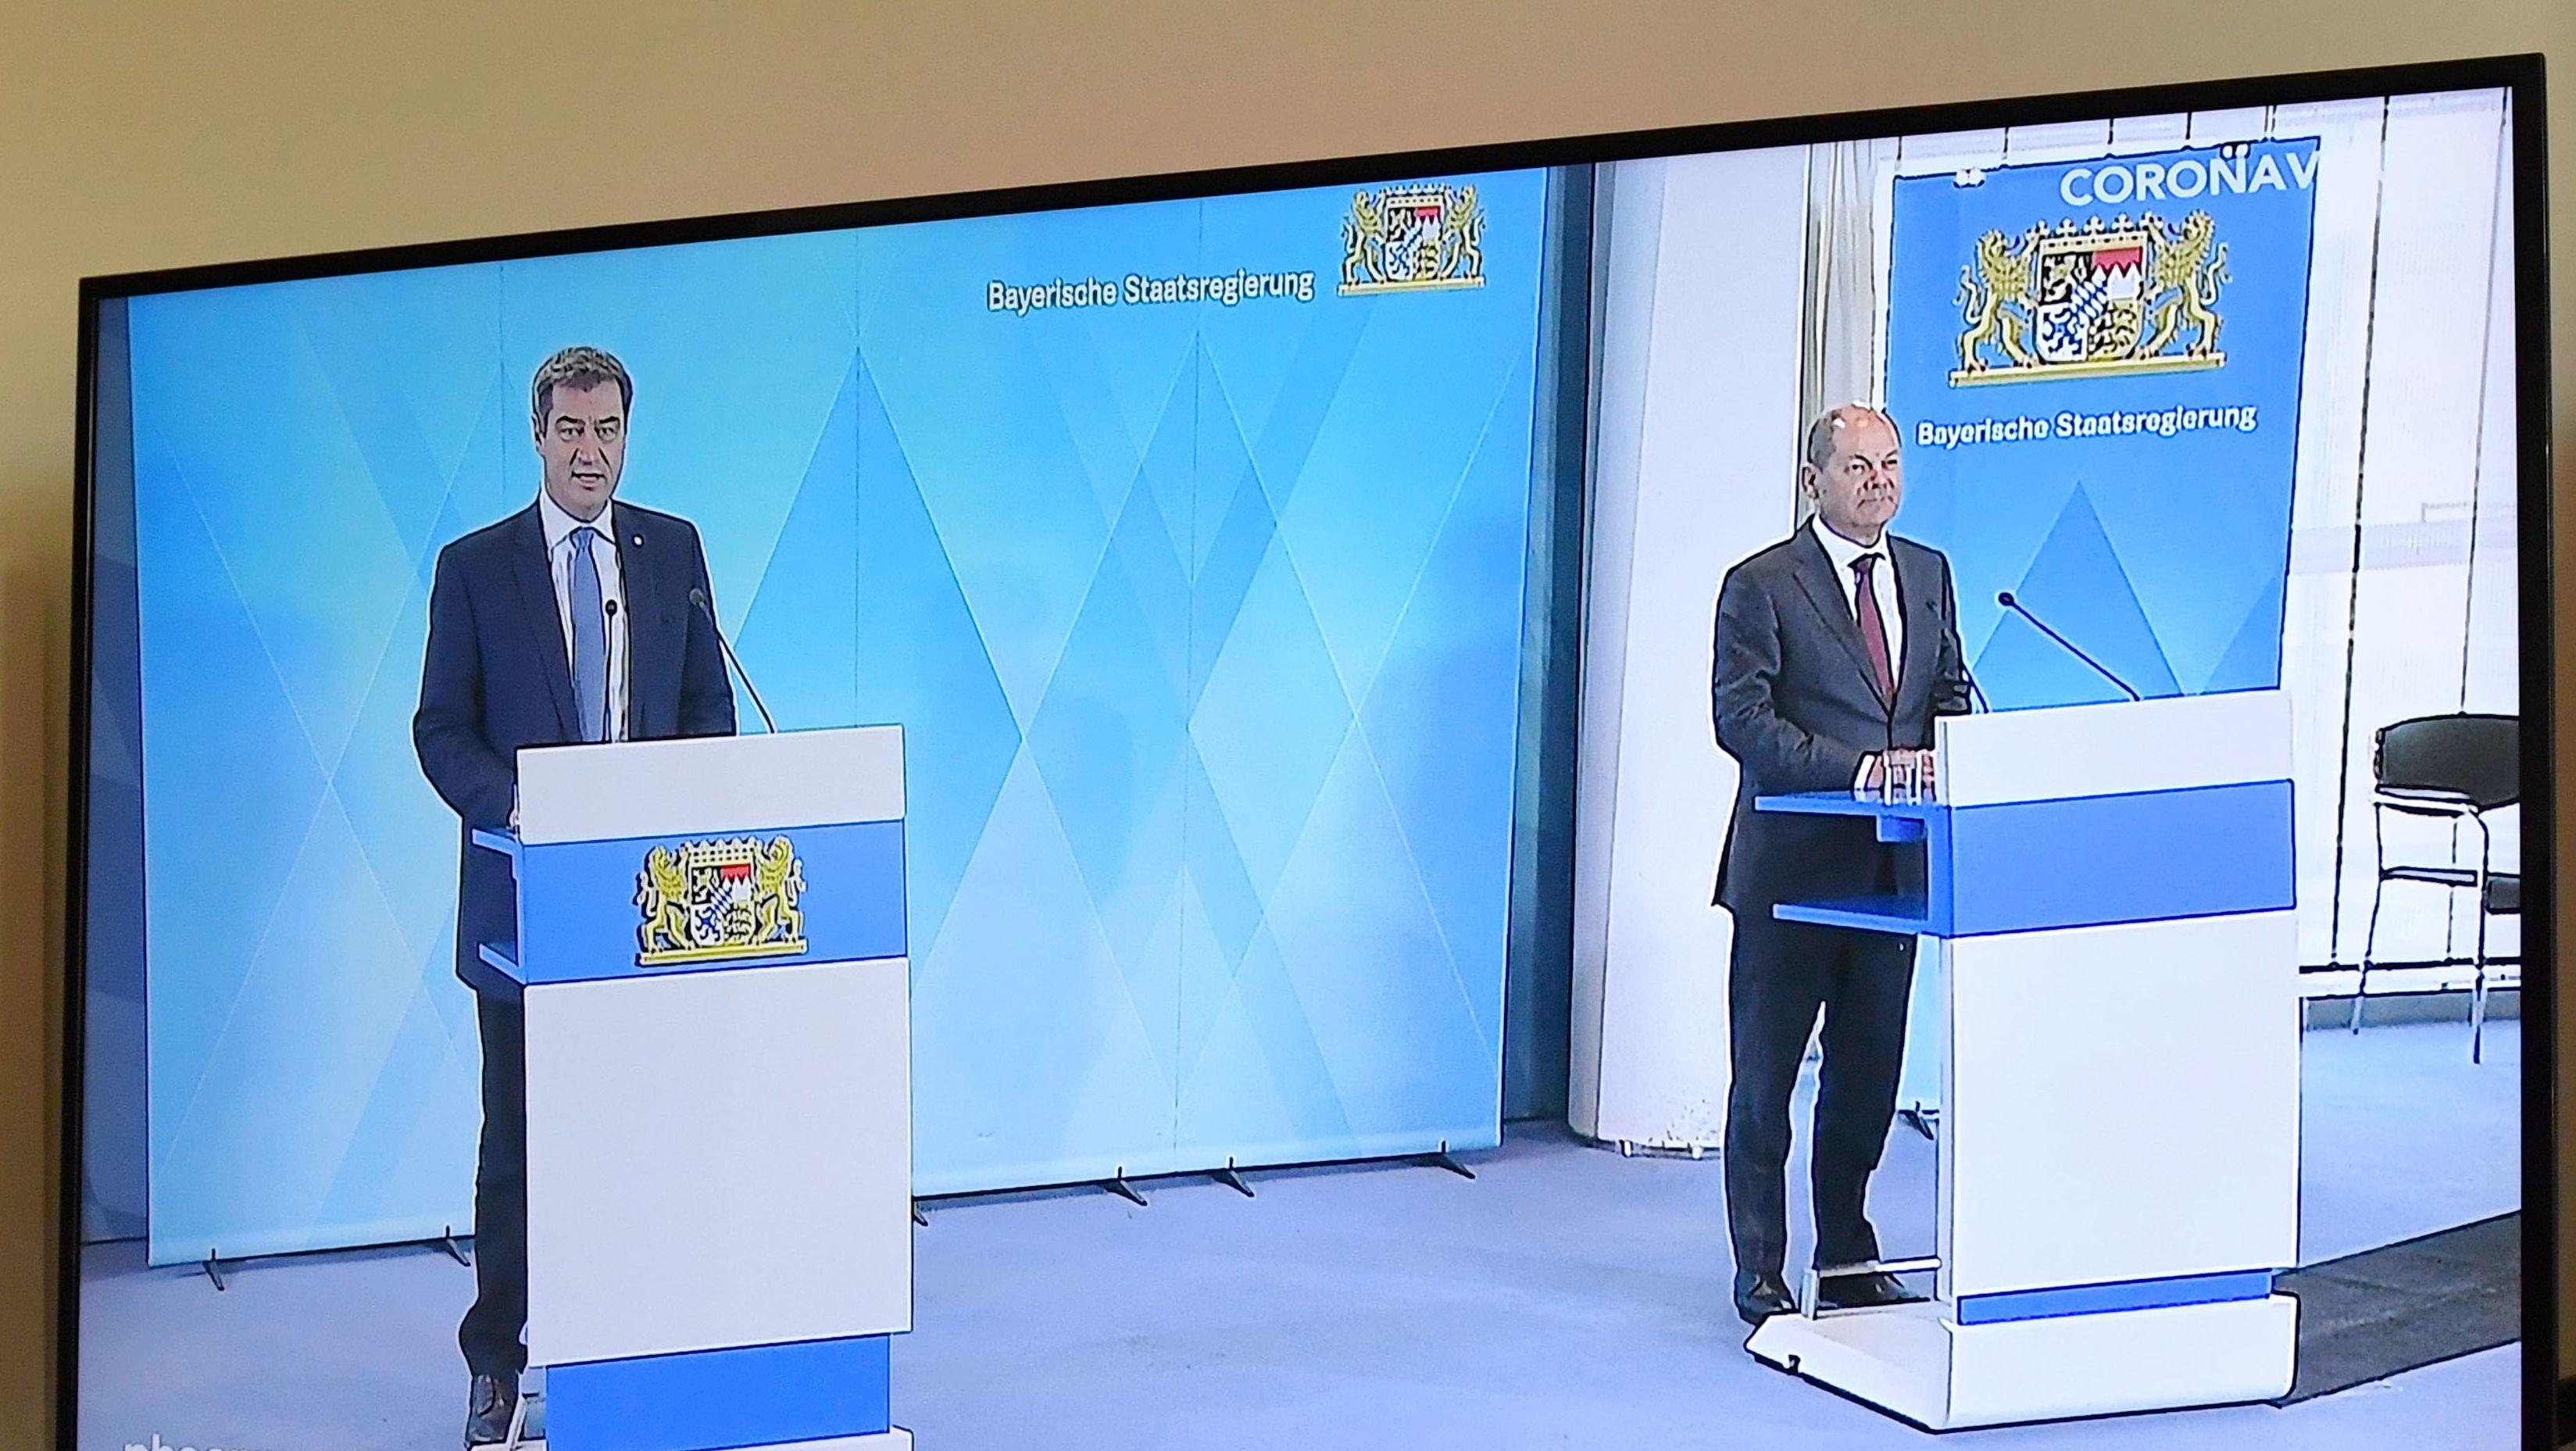 Pressekonferenz in Corona-Zeiten, ohne Journalisten im Raum: Ministerpräsident Söder (l.) und Bundesfinanzminister Scholz in der Staatskanzlei.